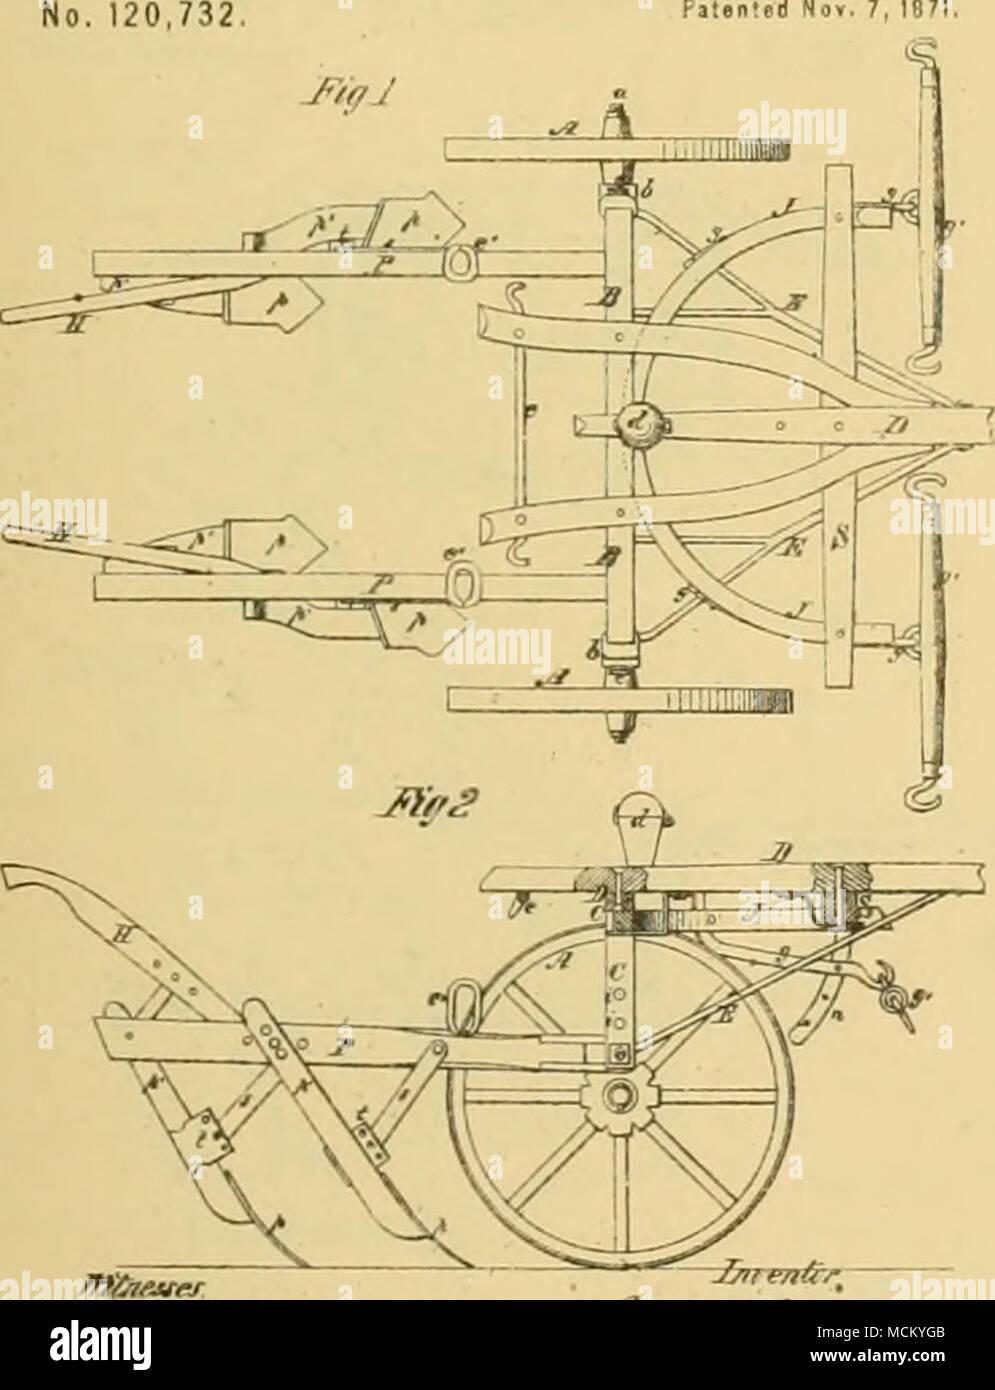 Friedrich Wiring Diagrams Schematic Thermostat Diagram Us10 Electrical Work U2022 Speed Queen